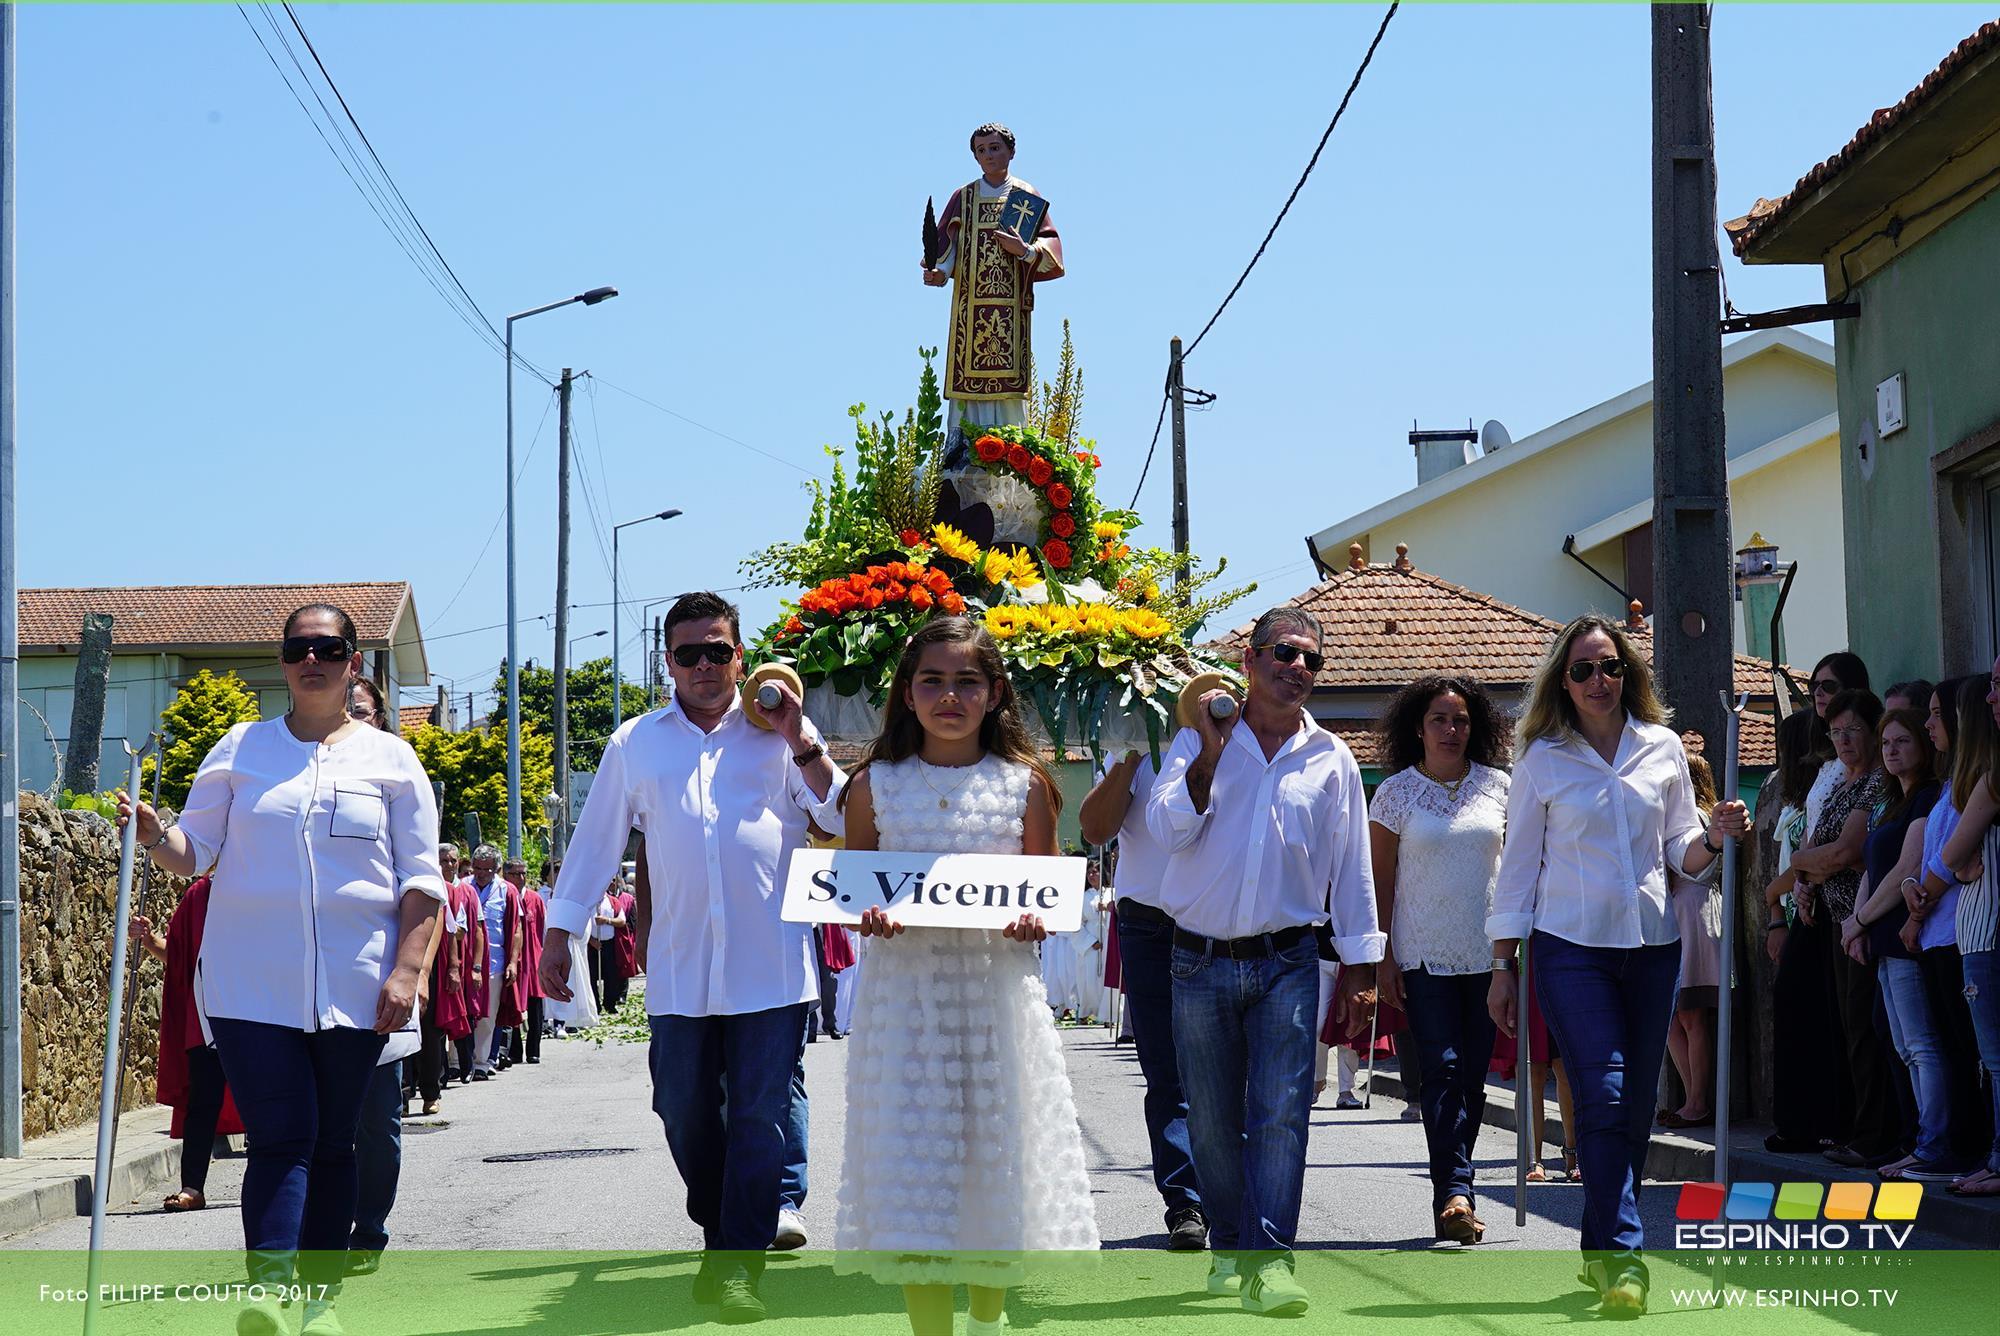 Festa em honra a S. Vicente da Idanha 2019